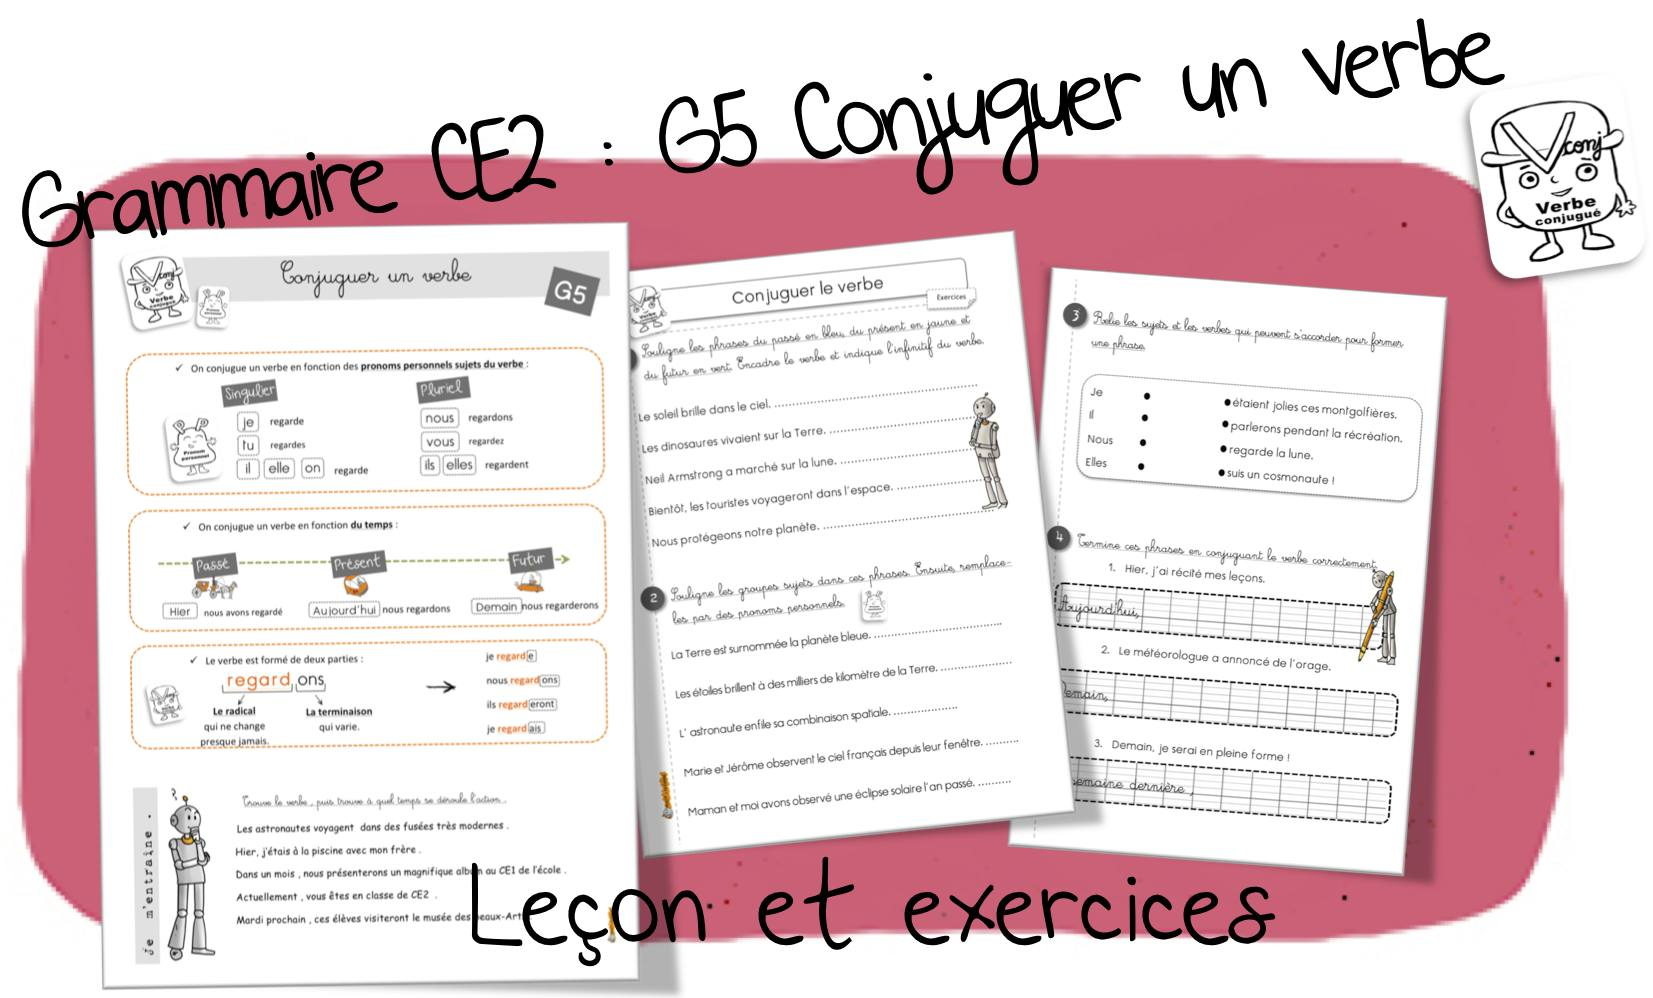 Reussir En Grammaire Au Ce2 G5 Conjuguer Un Verbe Bout De Gomme